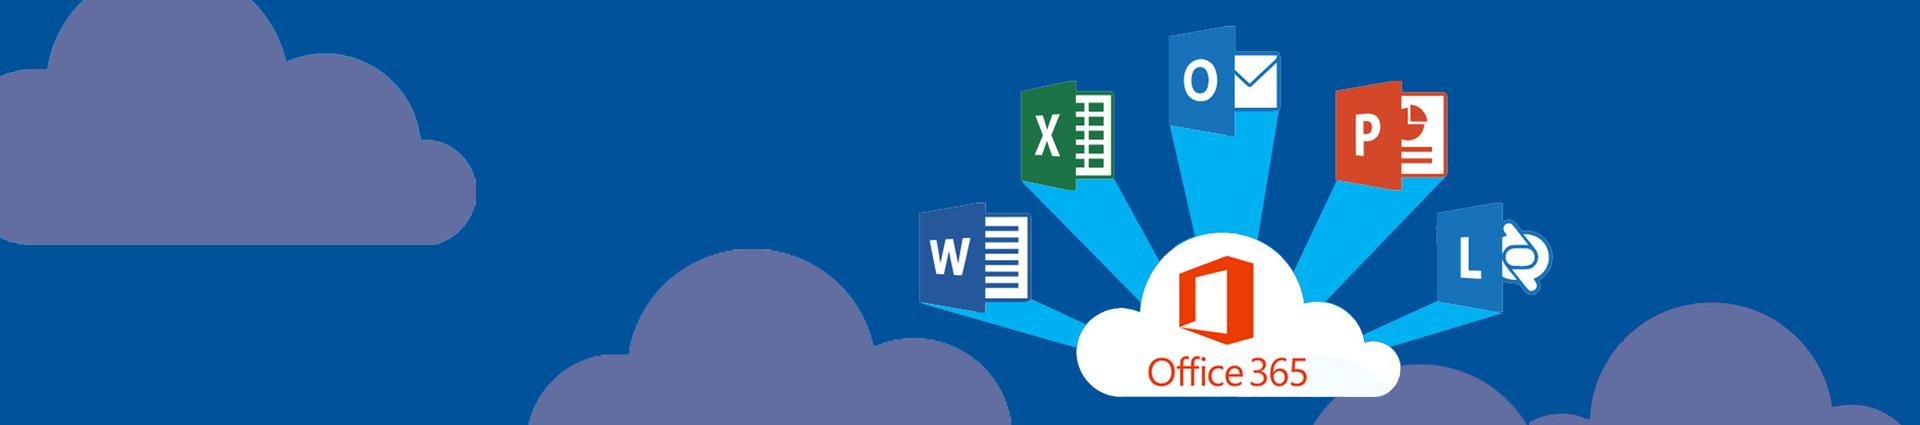 Soluções em nuvem Microsoft Office 365 - Tripla integradora